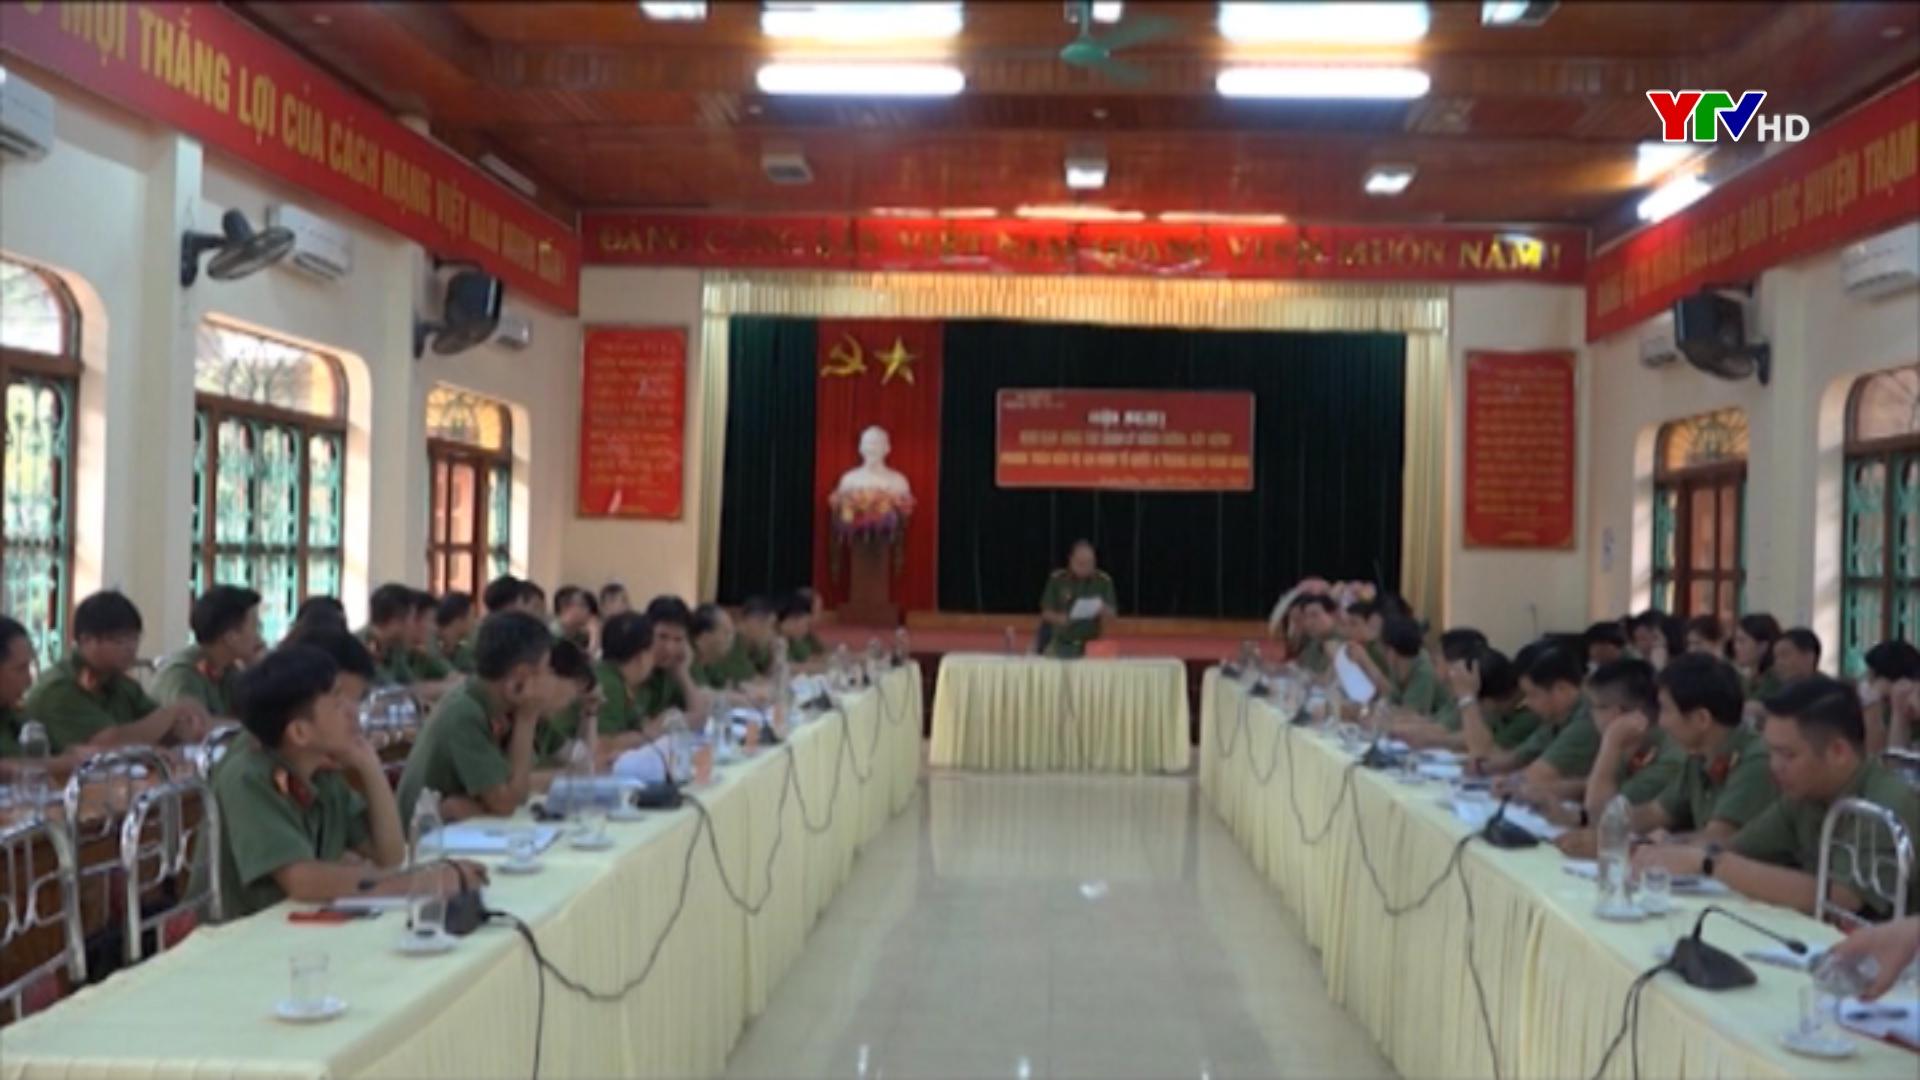 Hội nghị triển khai công tác quản lý hành chính xây dựng phong trào bảo vệ ANTQ 6 tháng cuối năm 2020